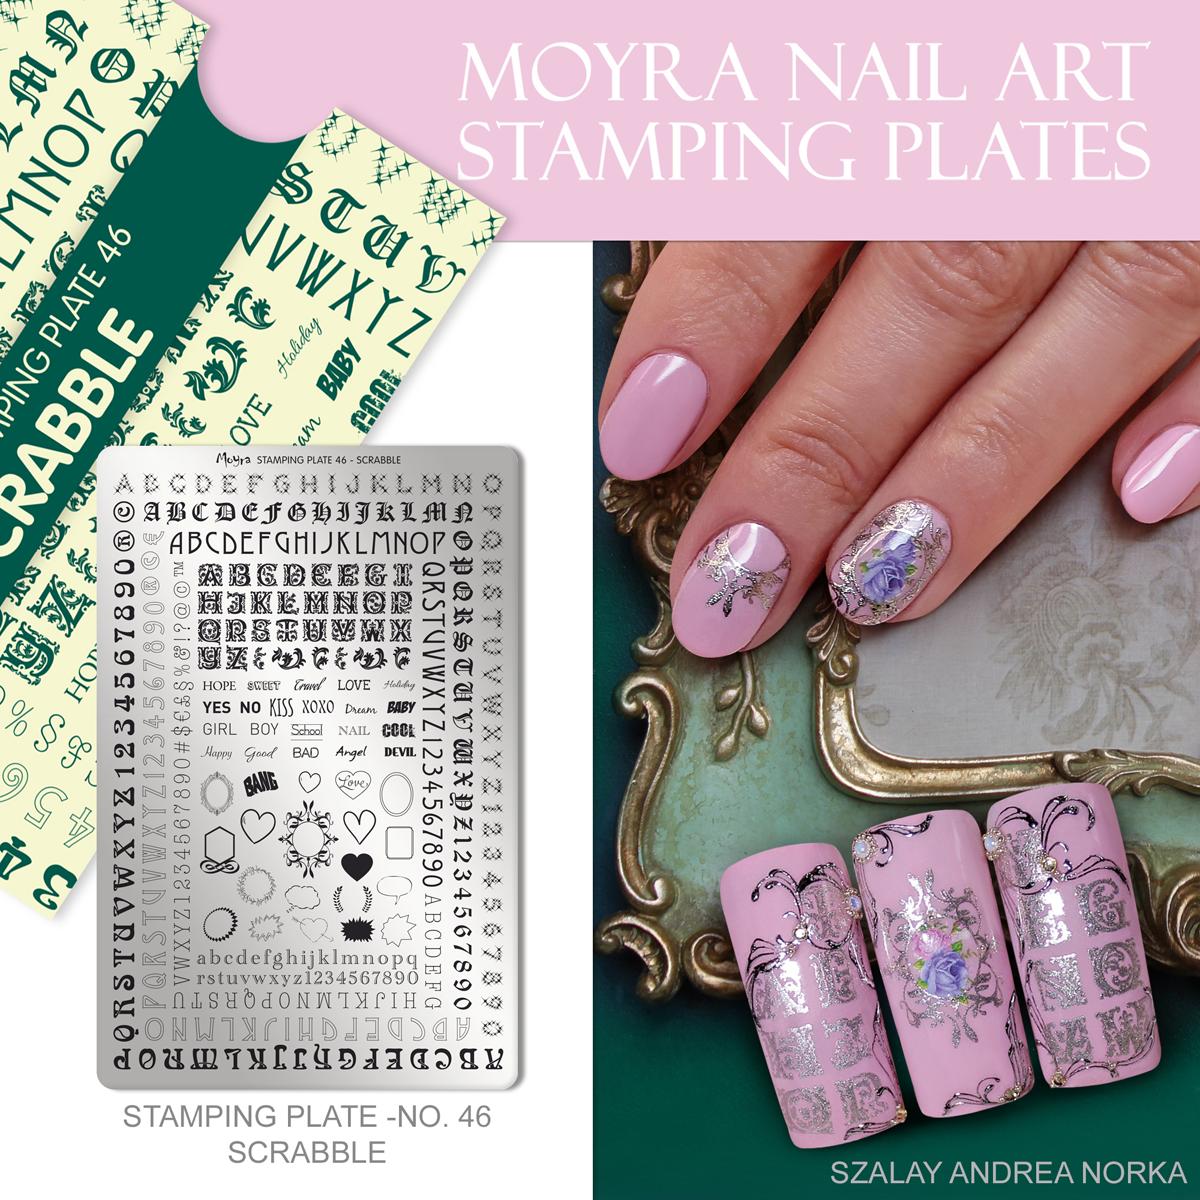 Moyra Nail Art Stamping Plate No. 46 Scrabble